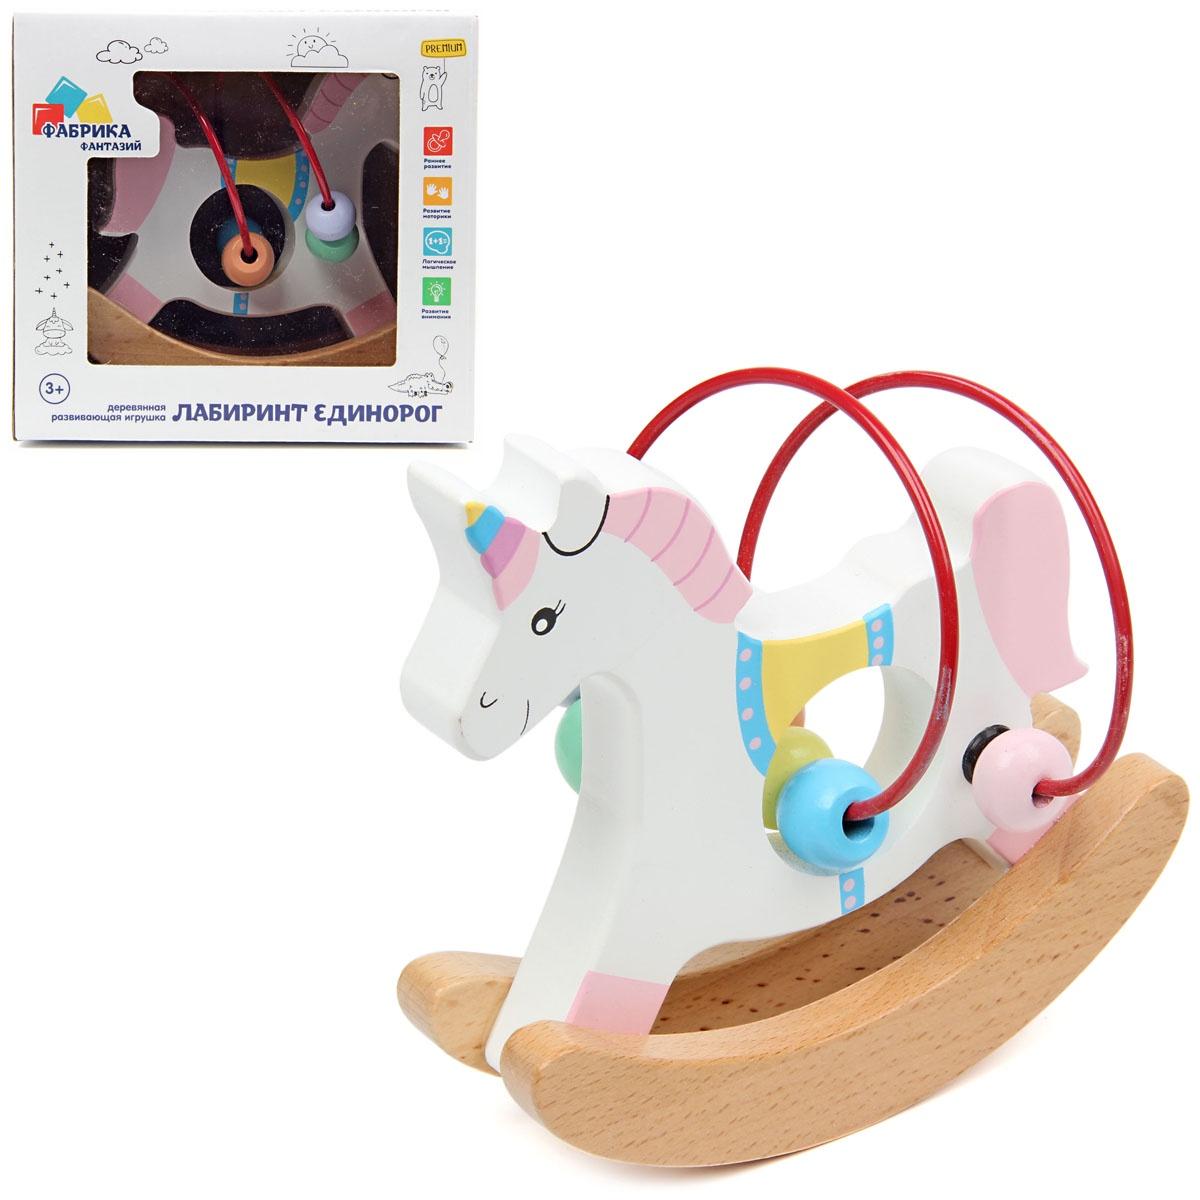 Развивающая игрушка Фабрика Фантазий 72655, 72655 цена